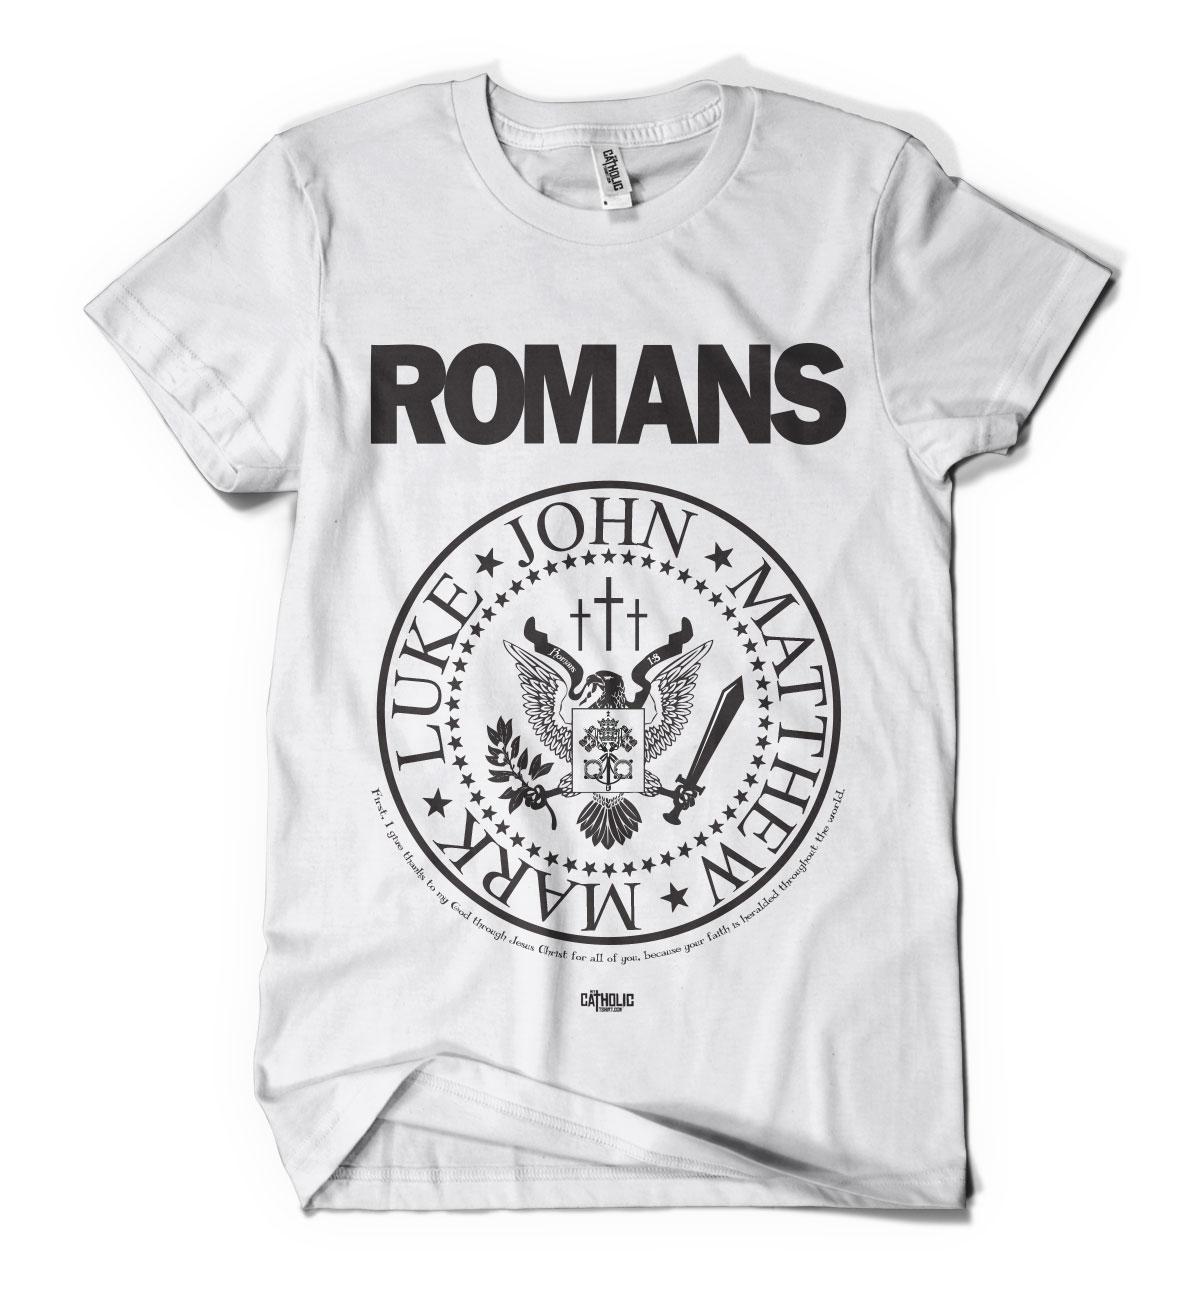 Catholic clothing store